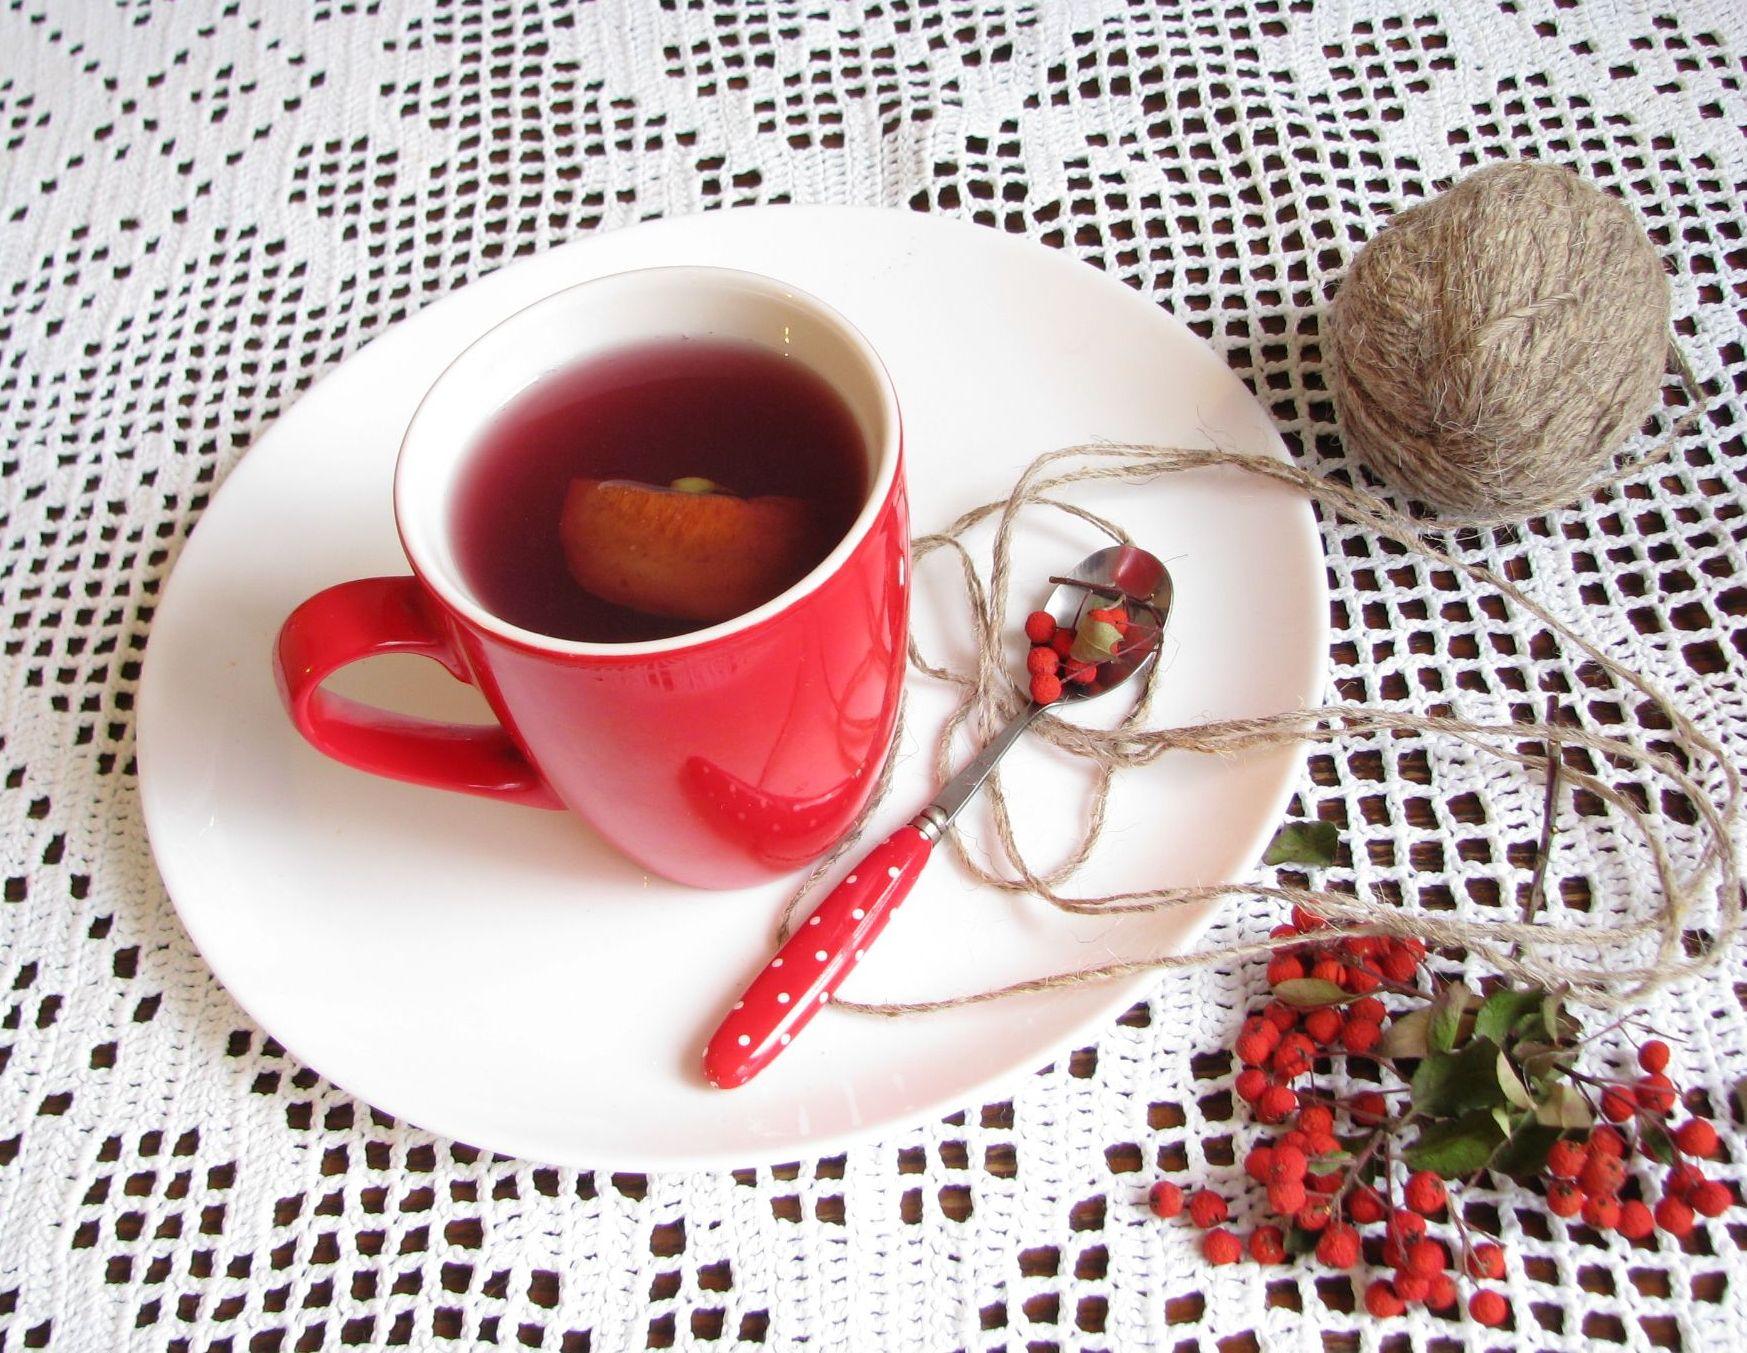 Моя любимая чашка, пью компот из сухофруктов.. Блиц: чашка